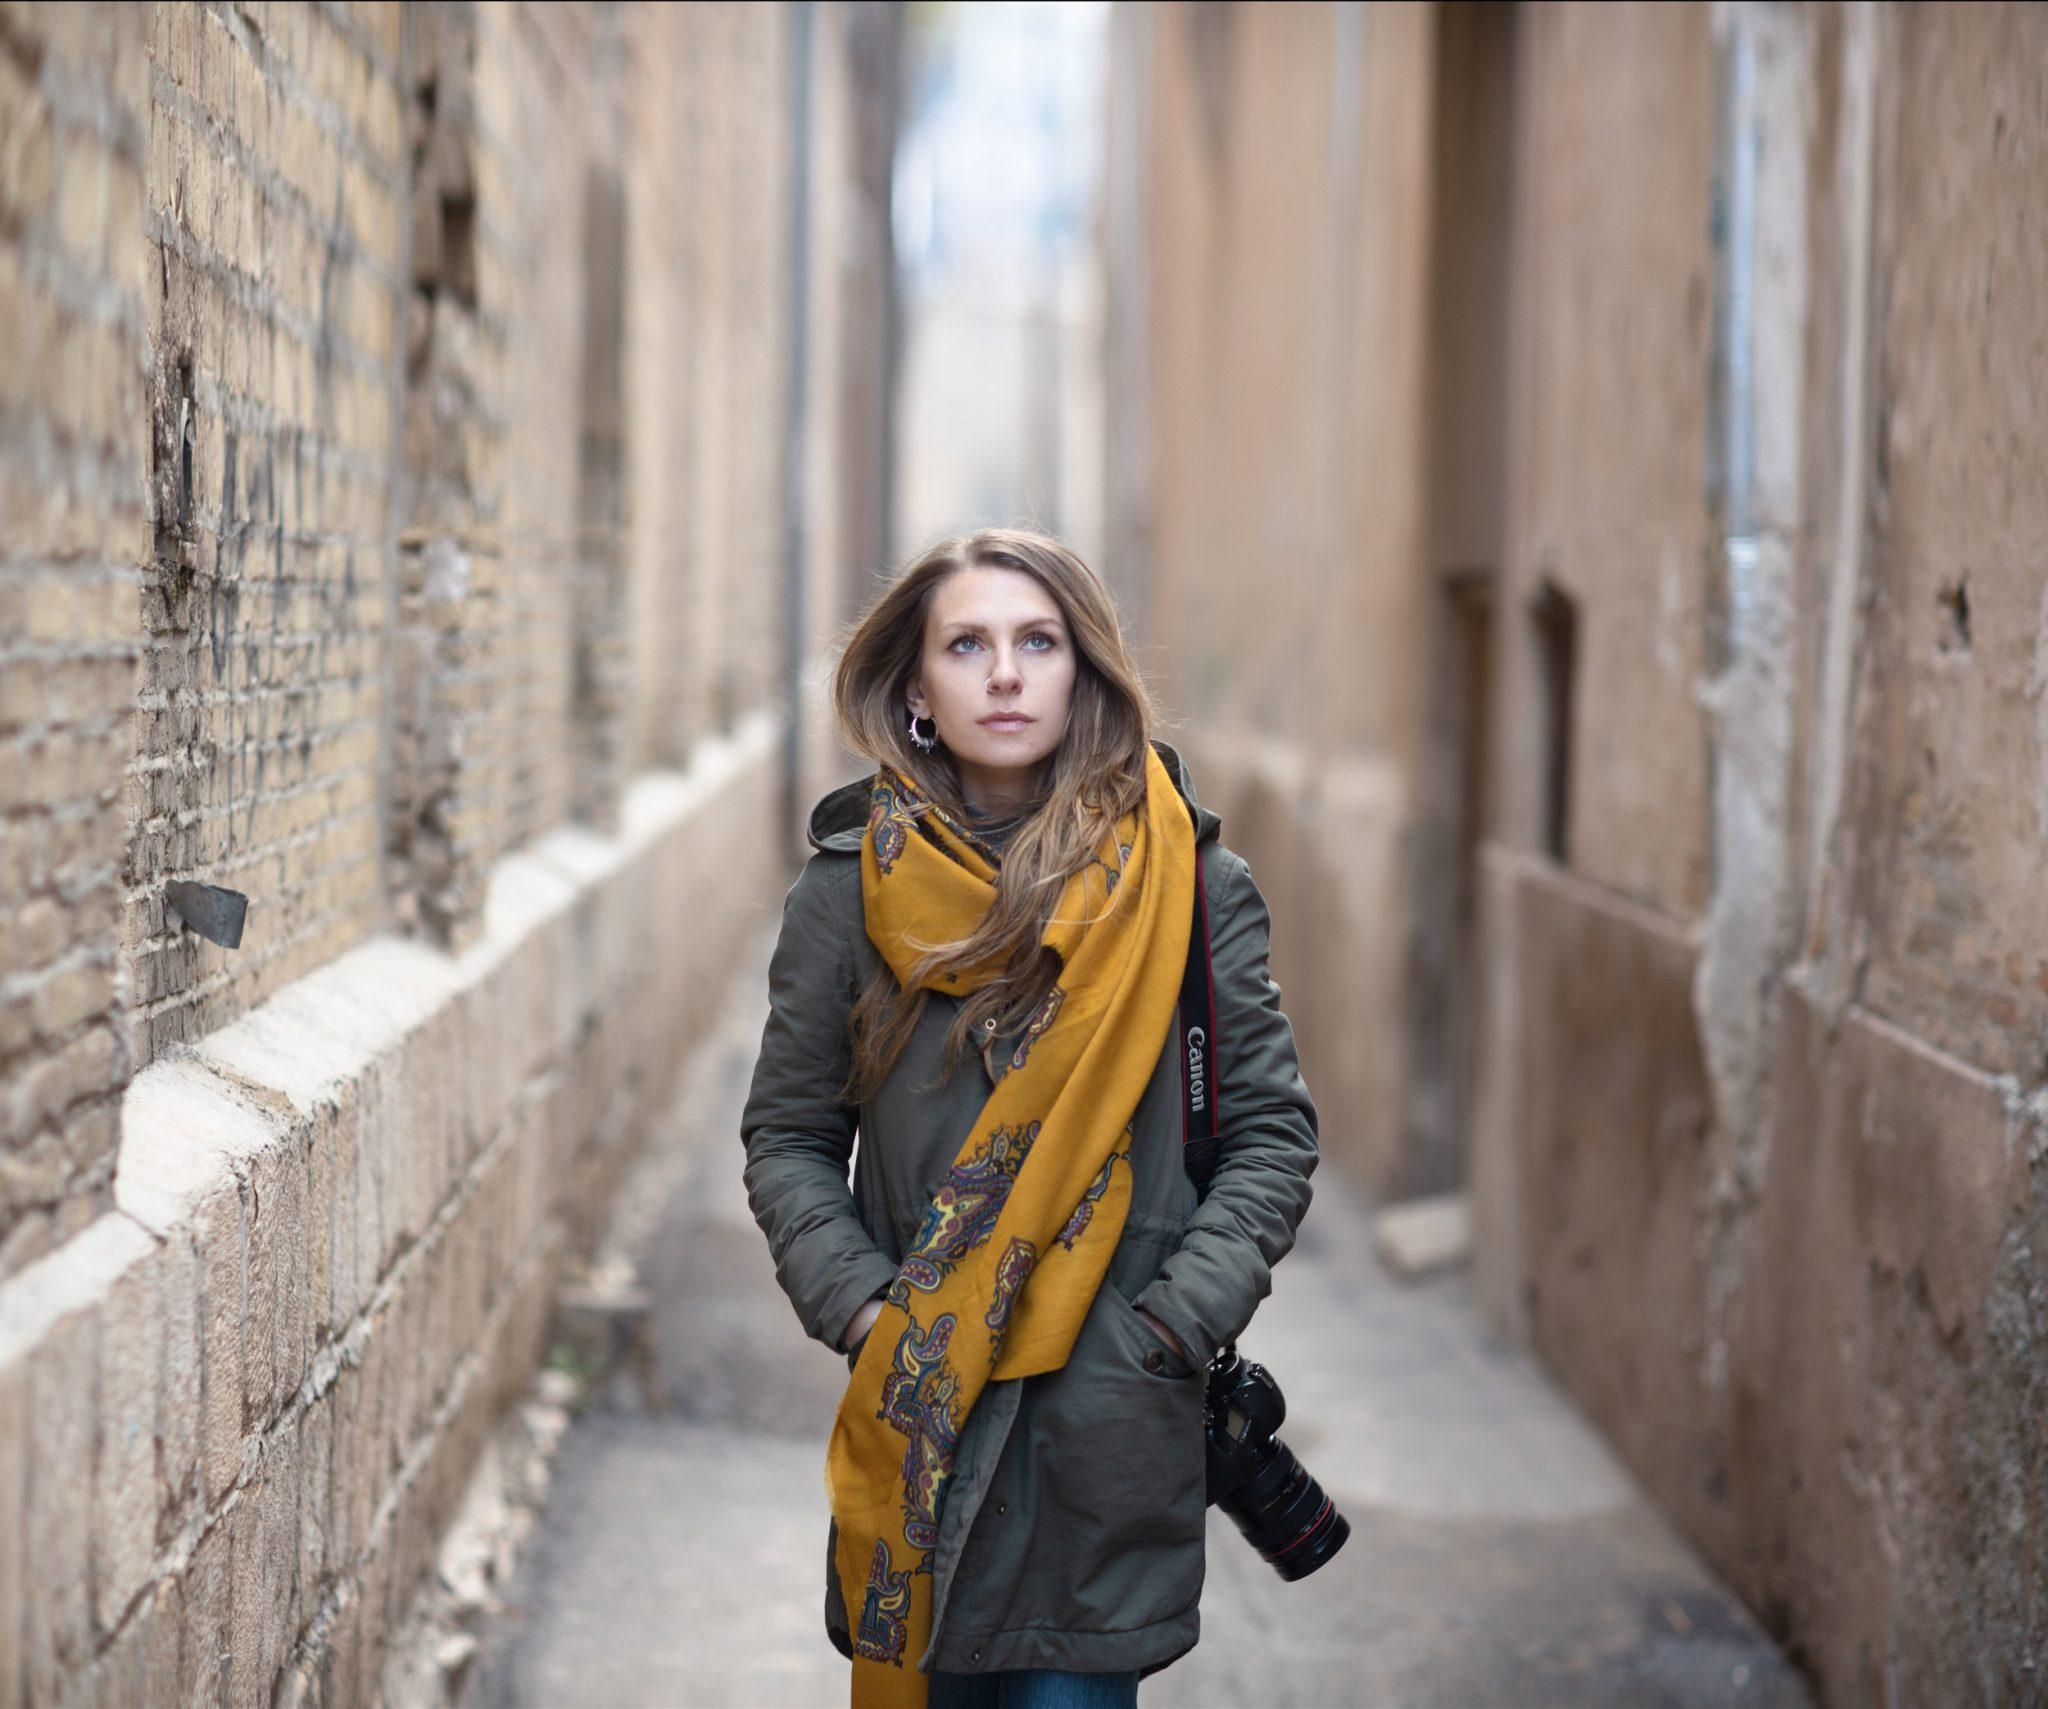 Intervista Sara Melotti: fotografare per rendere il mondo più sincero | podcast thumbnail